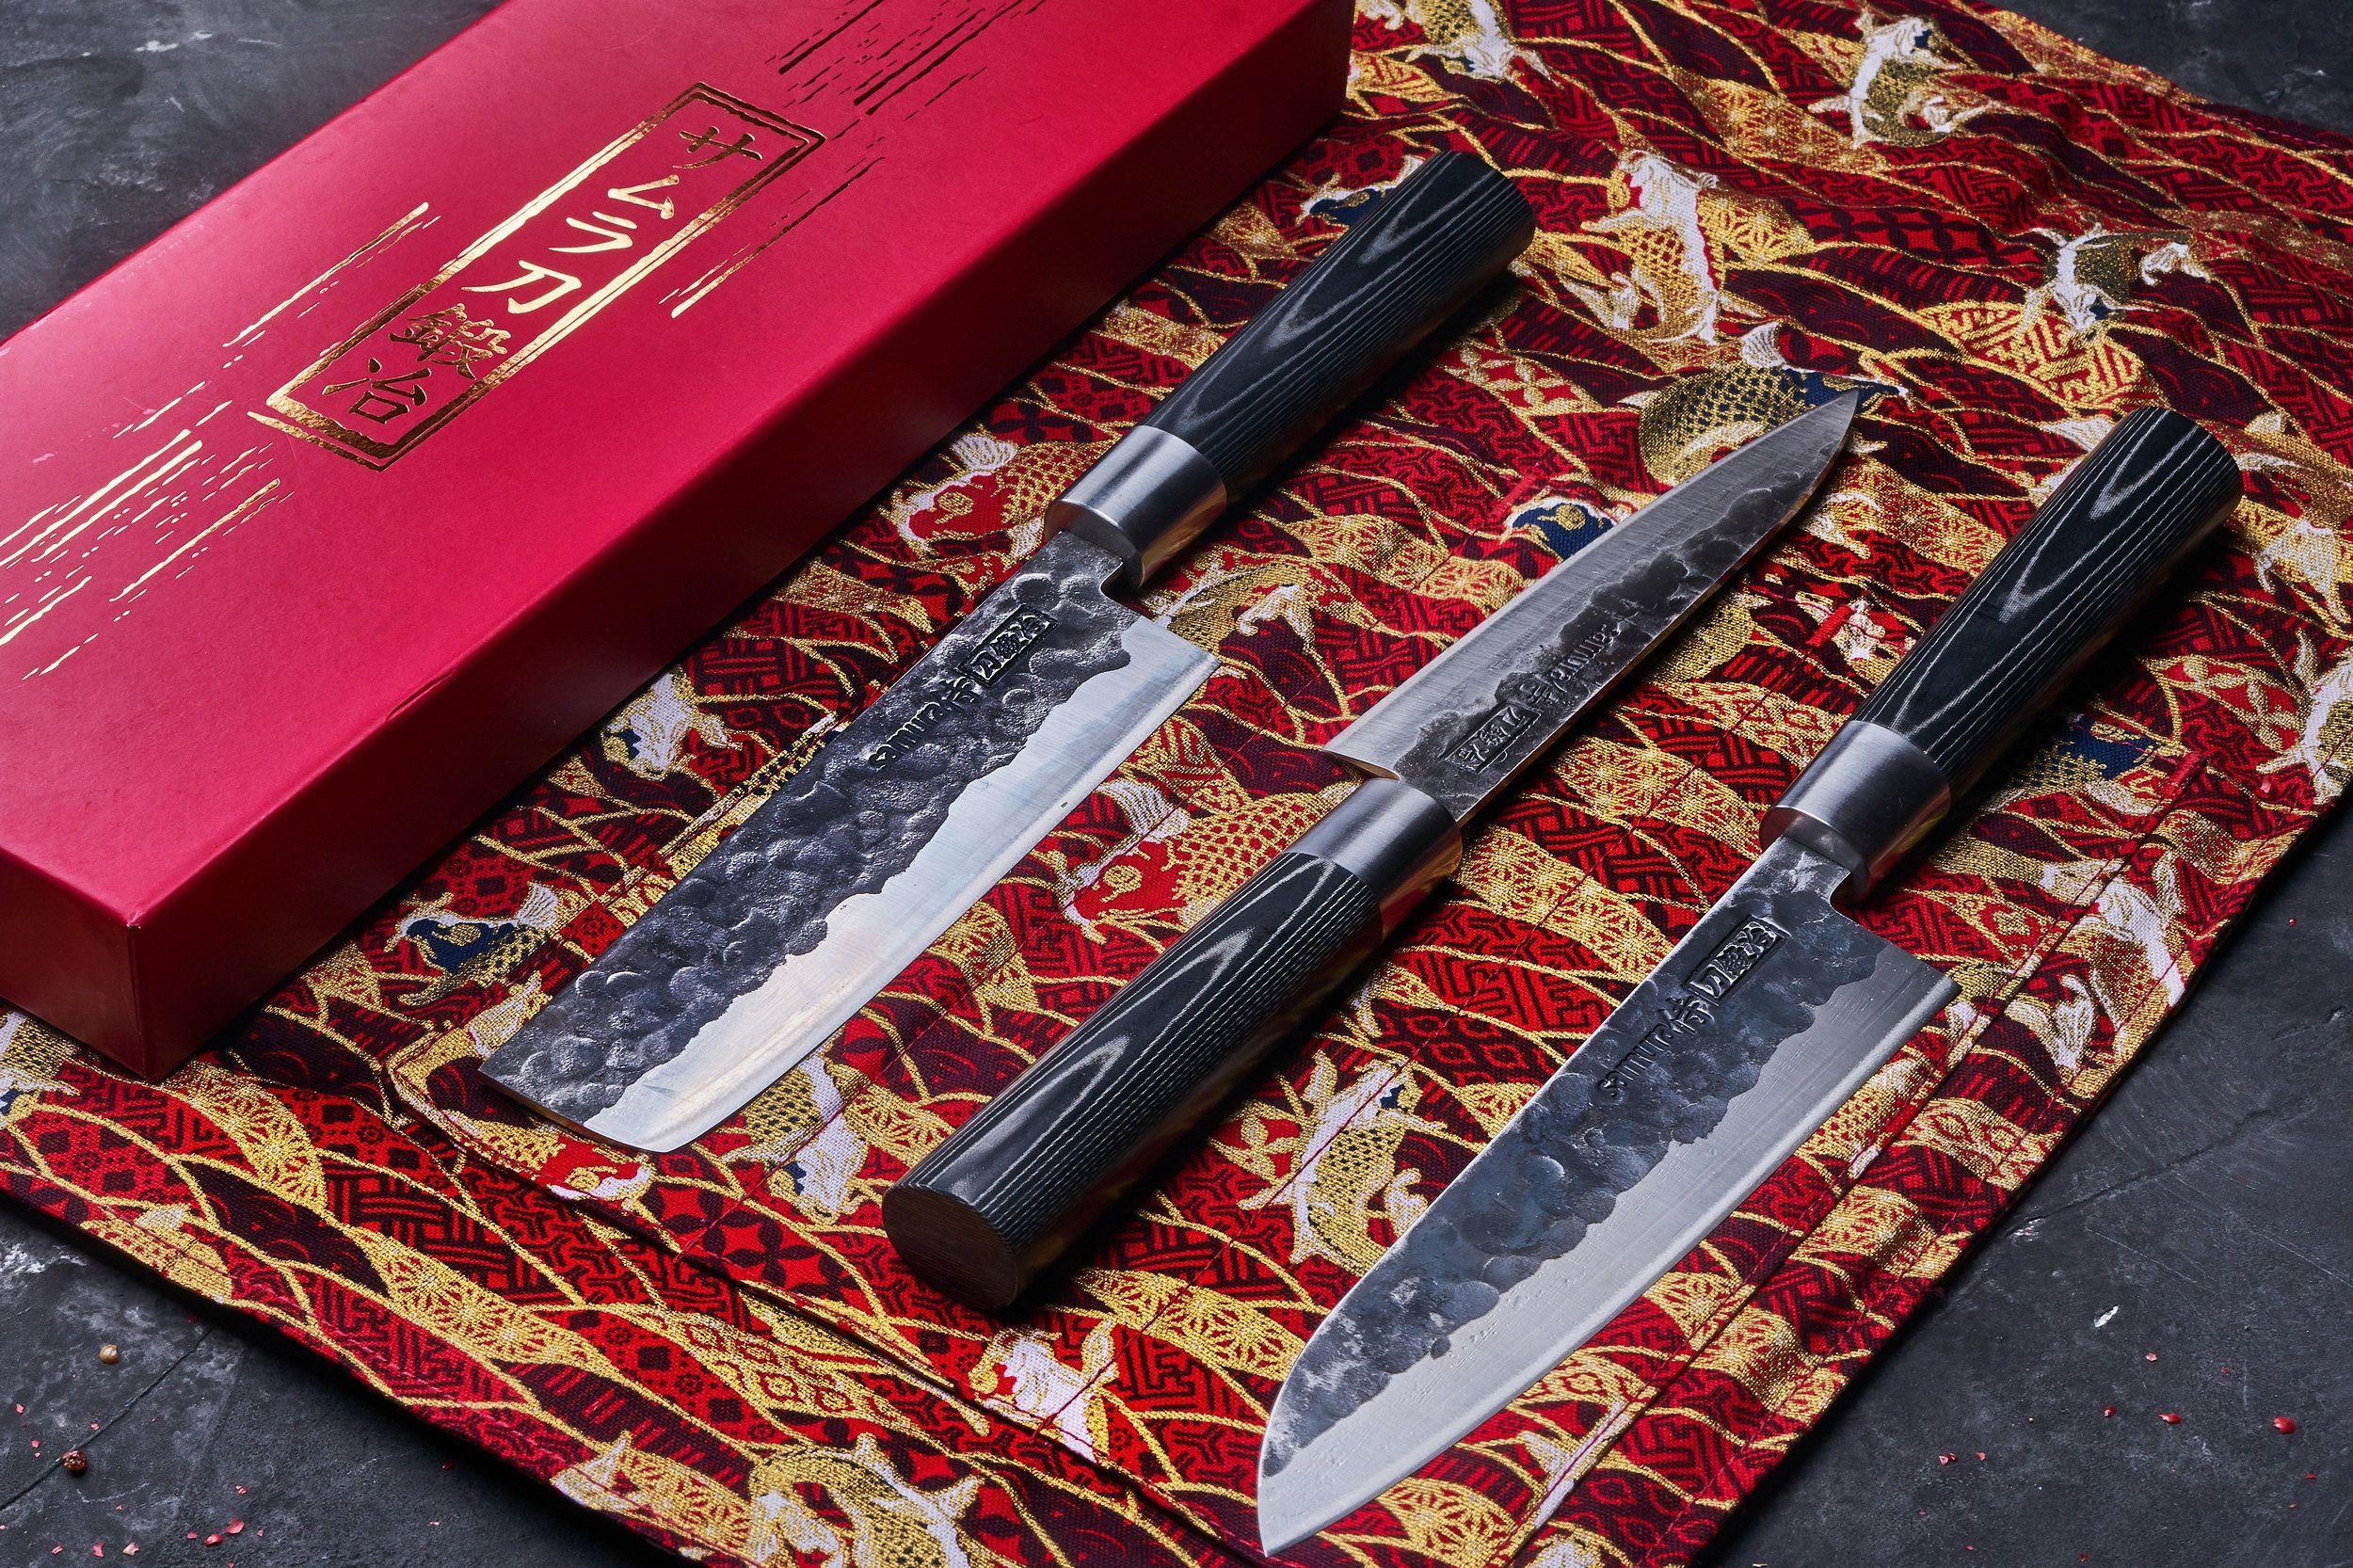 Фото японских кухонных ножей